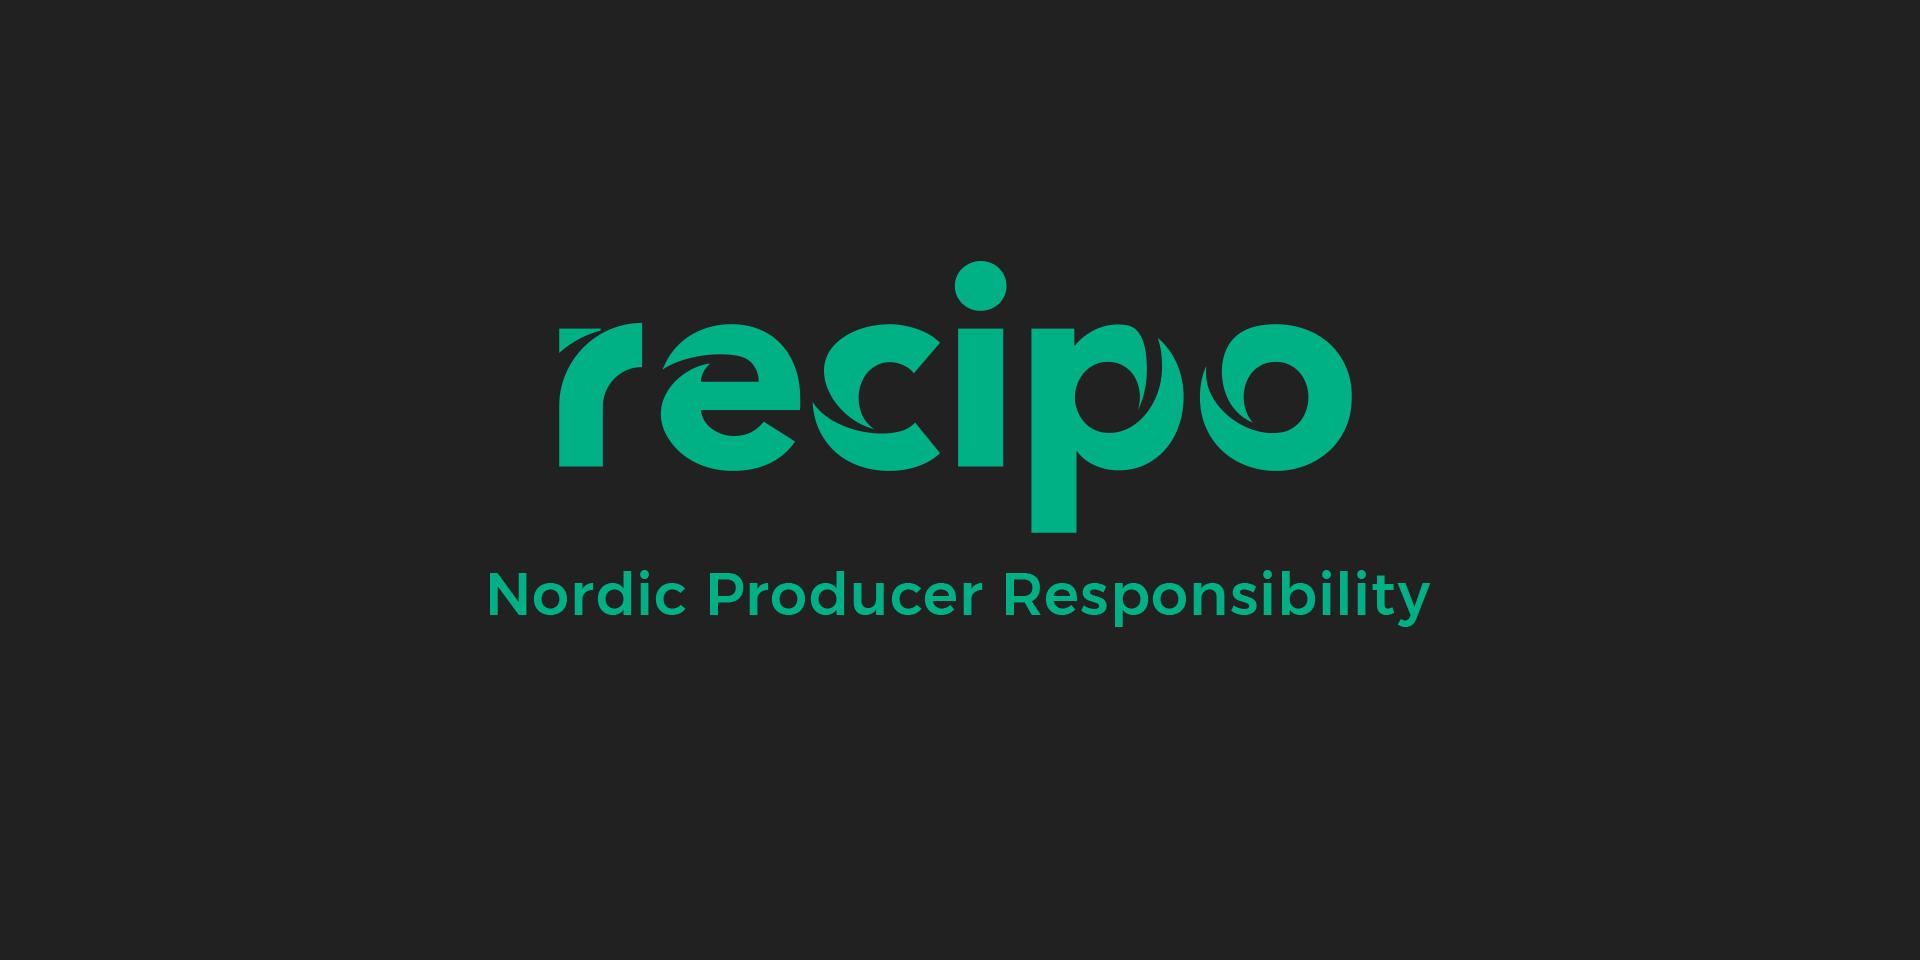 brand-identity-design-logo-recipo